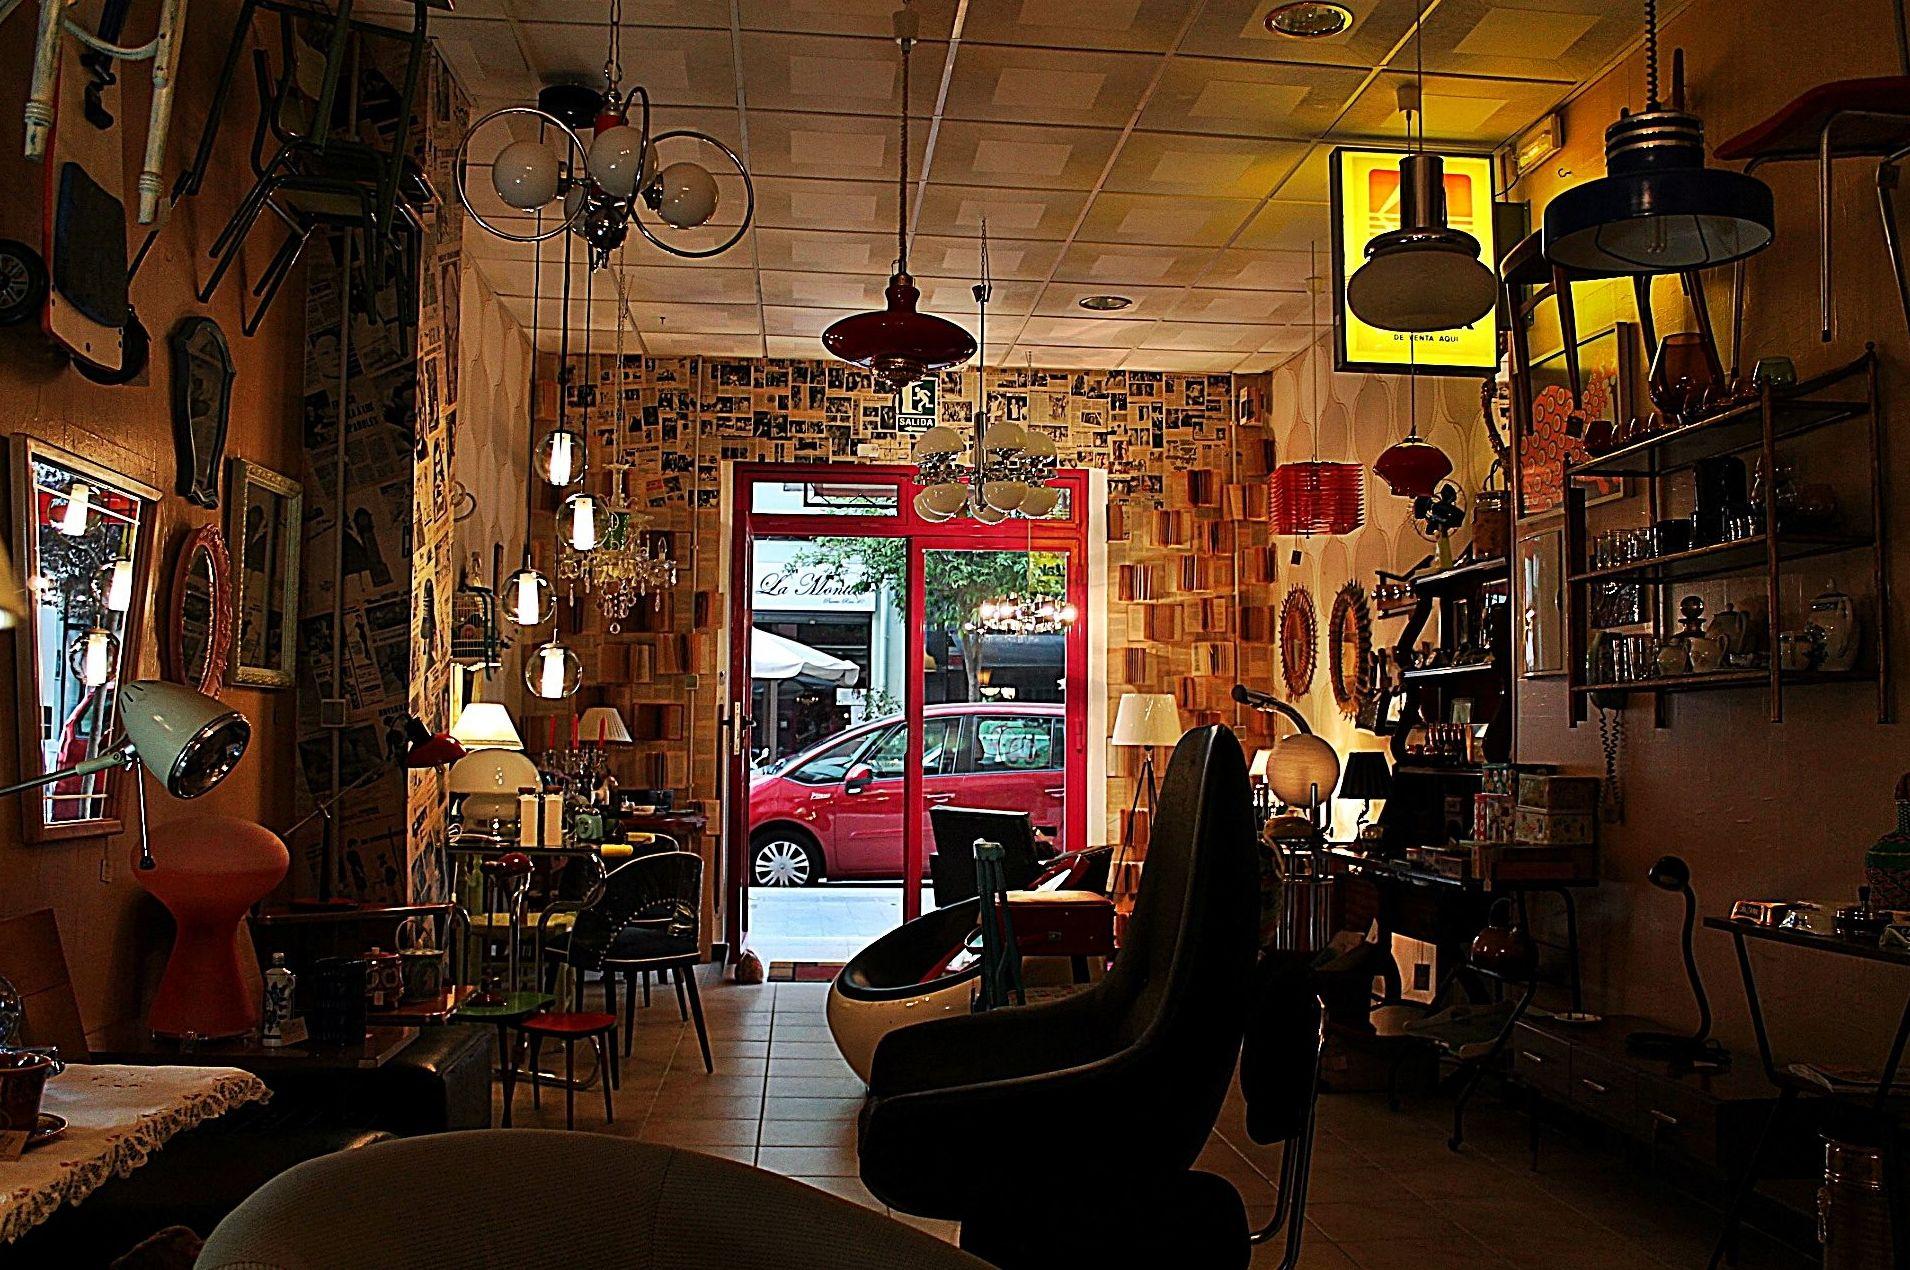 foto 3 de art culos de decoraci n vintage en valencia